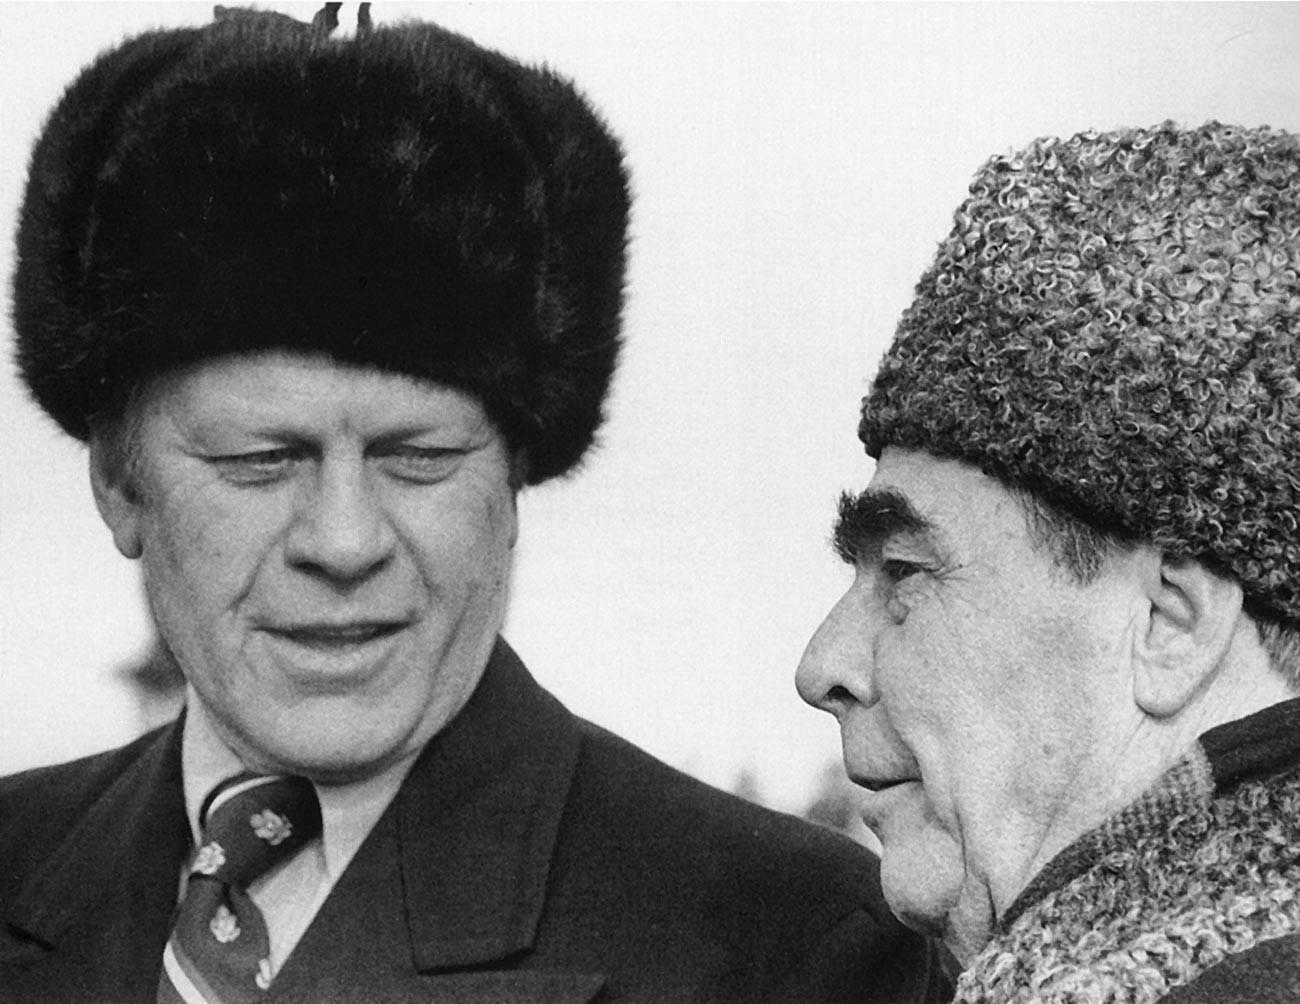 Ameriški predsednik Gerald R. Ford se je v Vladivostoku leta 1974 srečal s sovjetskim voditeljem Leonidom Brežnjevim